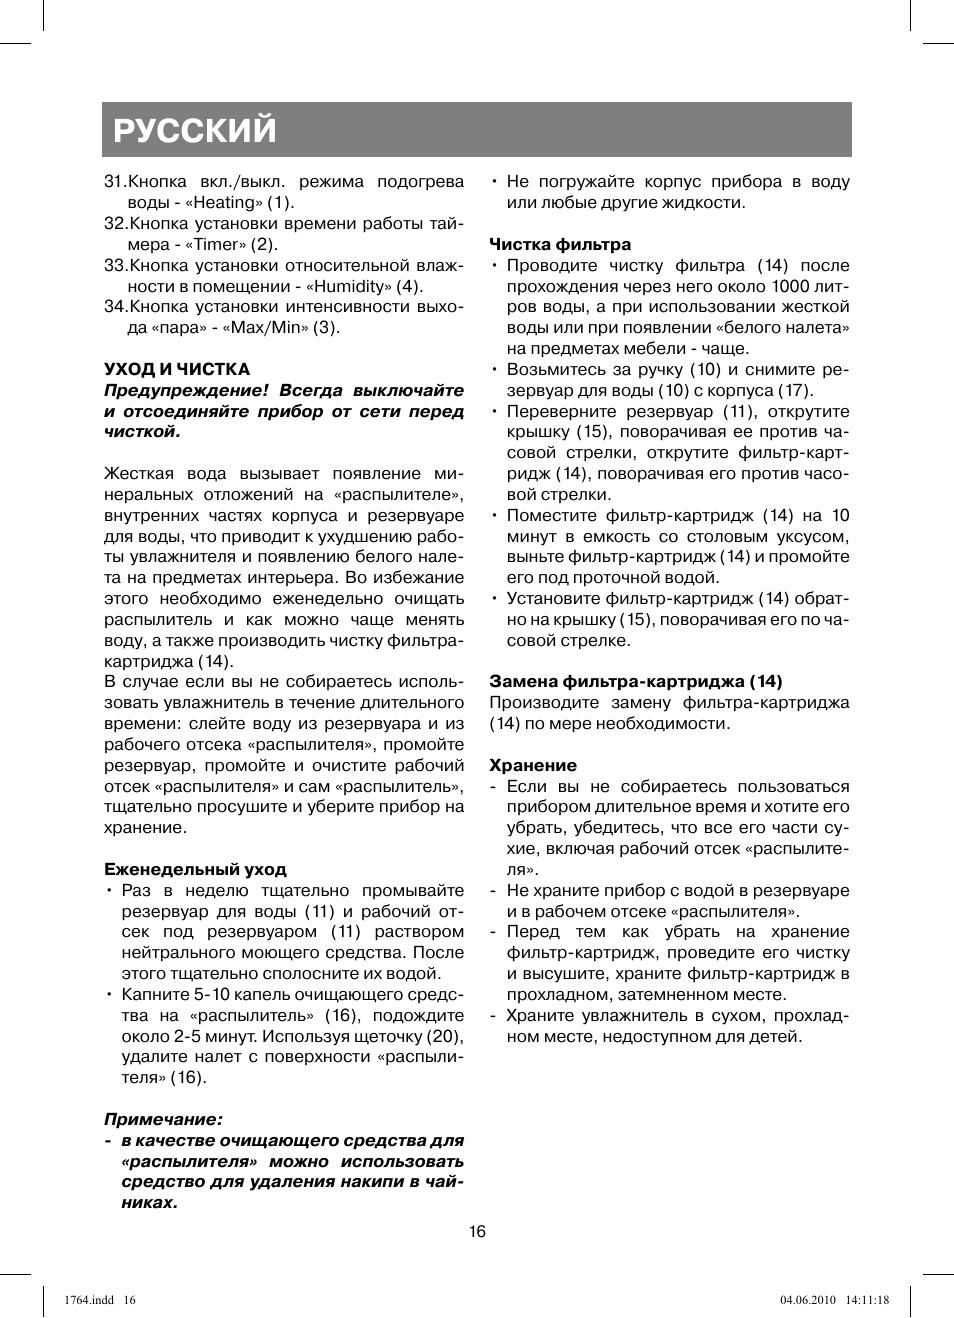 VITEK VT-6606 BK ИНСТРУКЦИЯ ПО ПРИМЕНЕНИЮ СКАЧАТЬ БЕСПЛАТНО